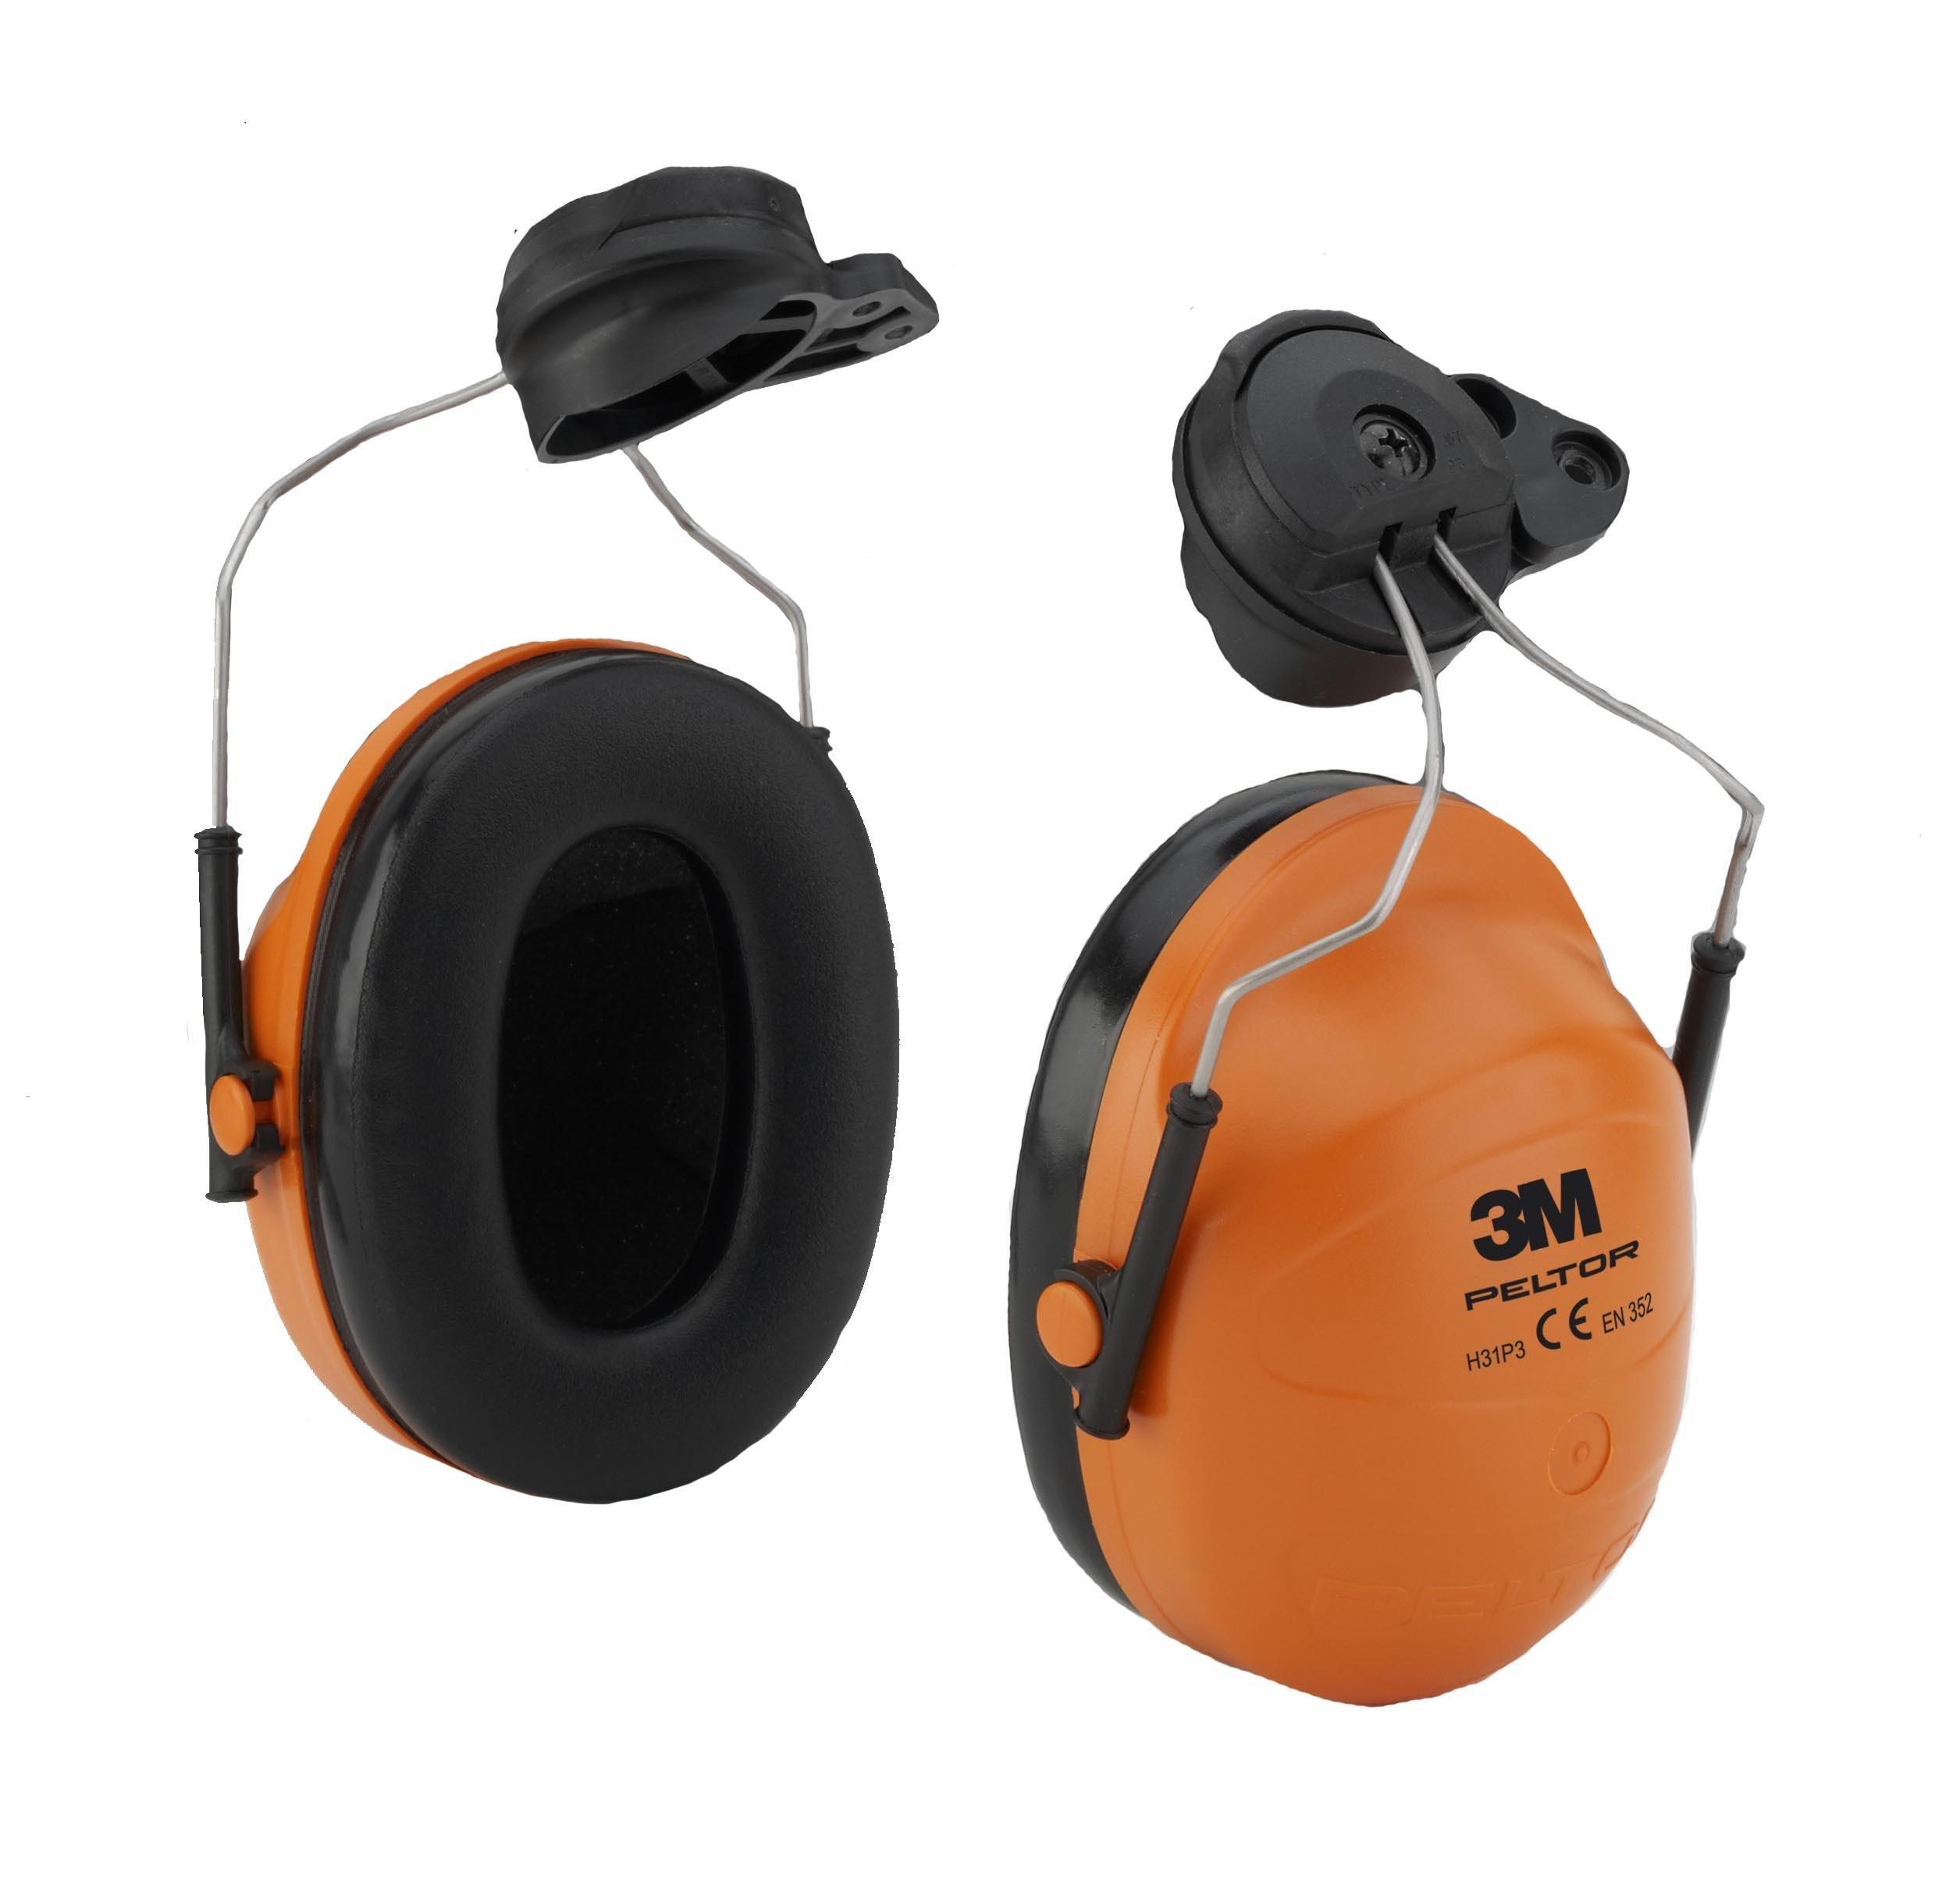 3M Peltor Earmuff